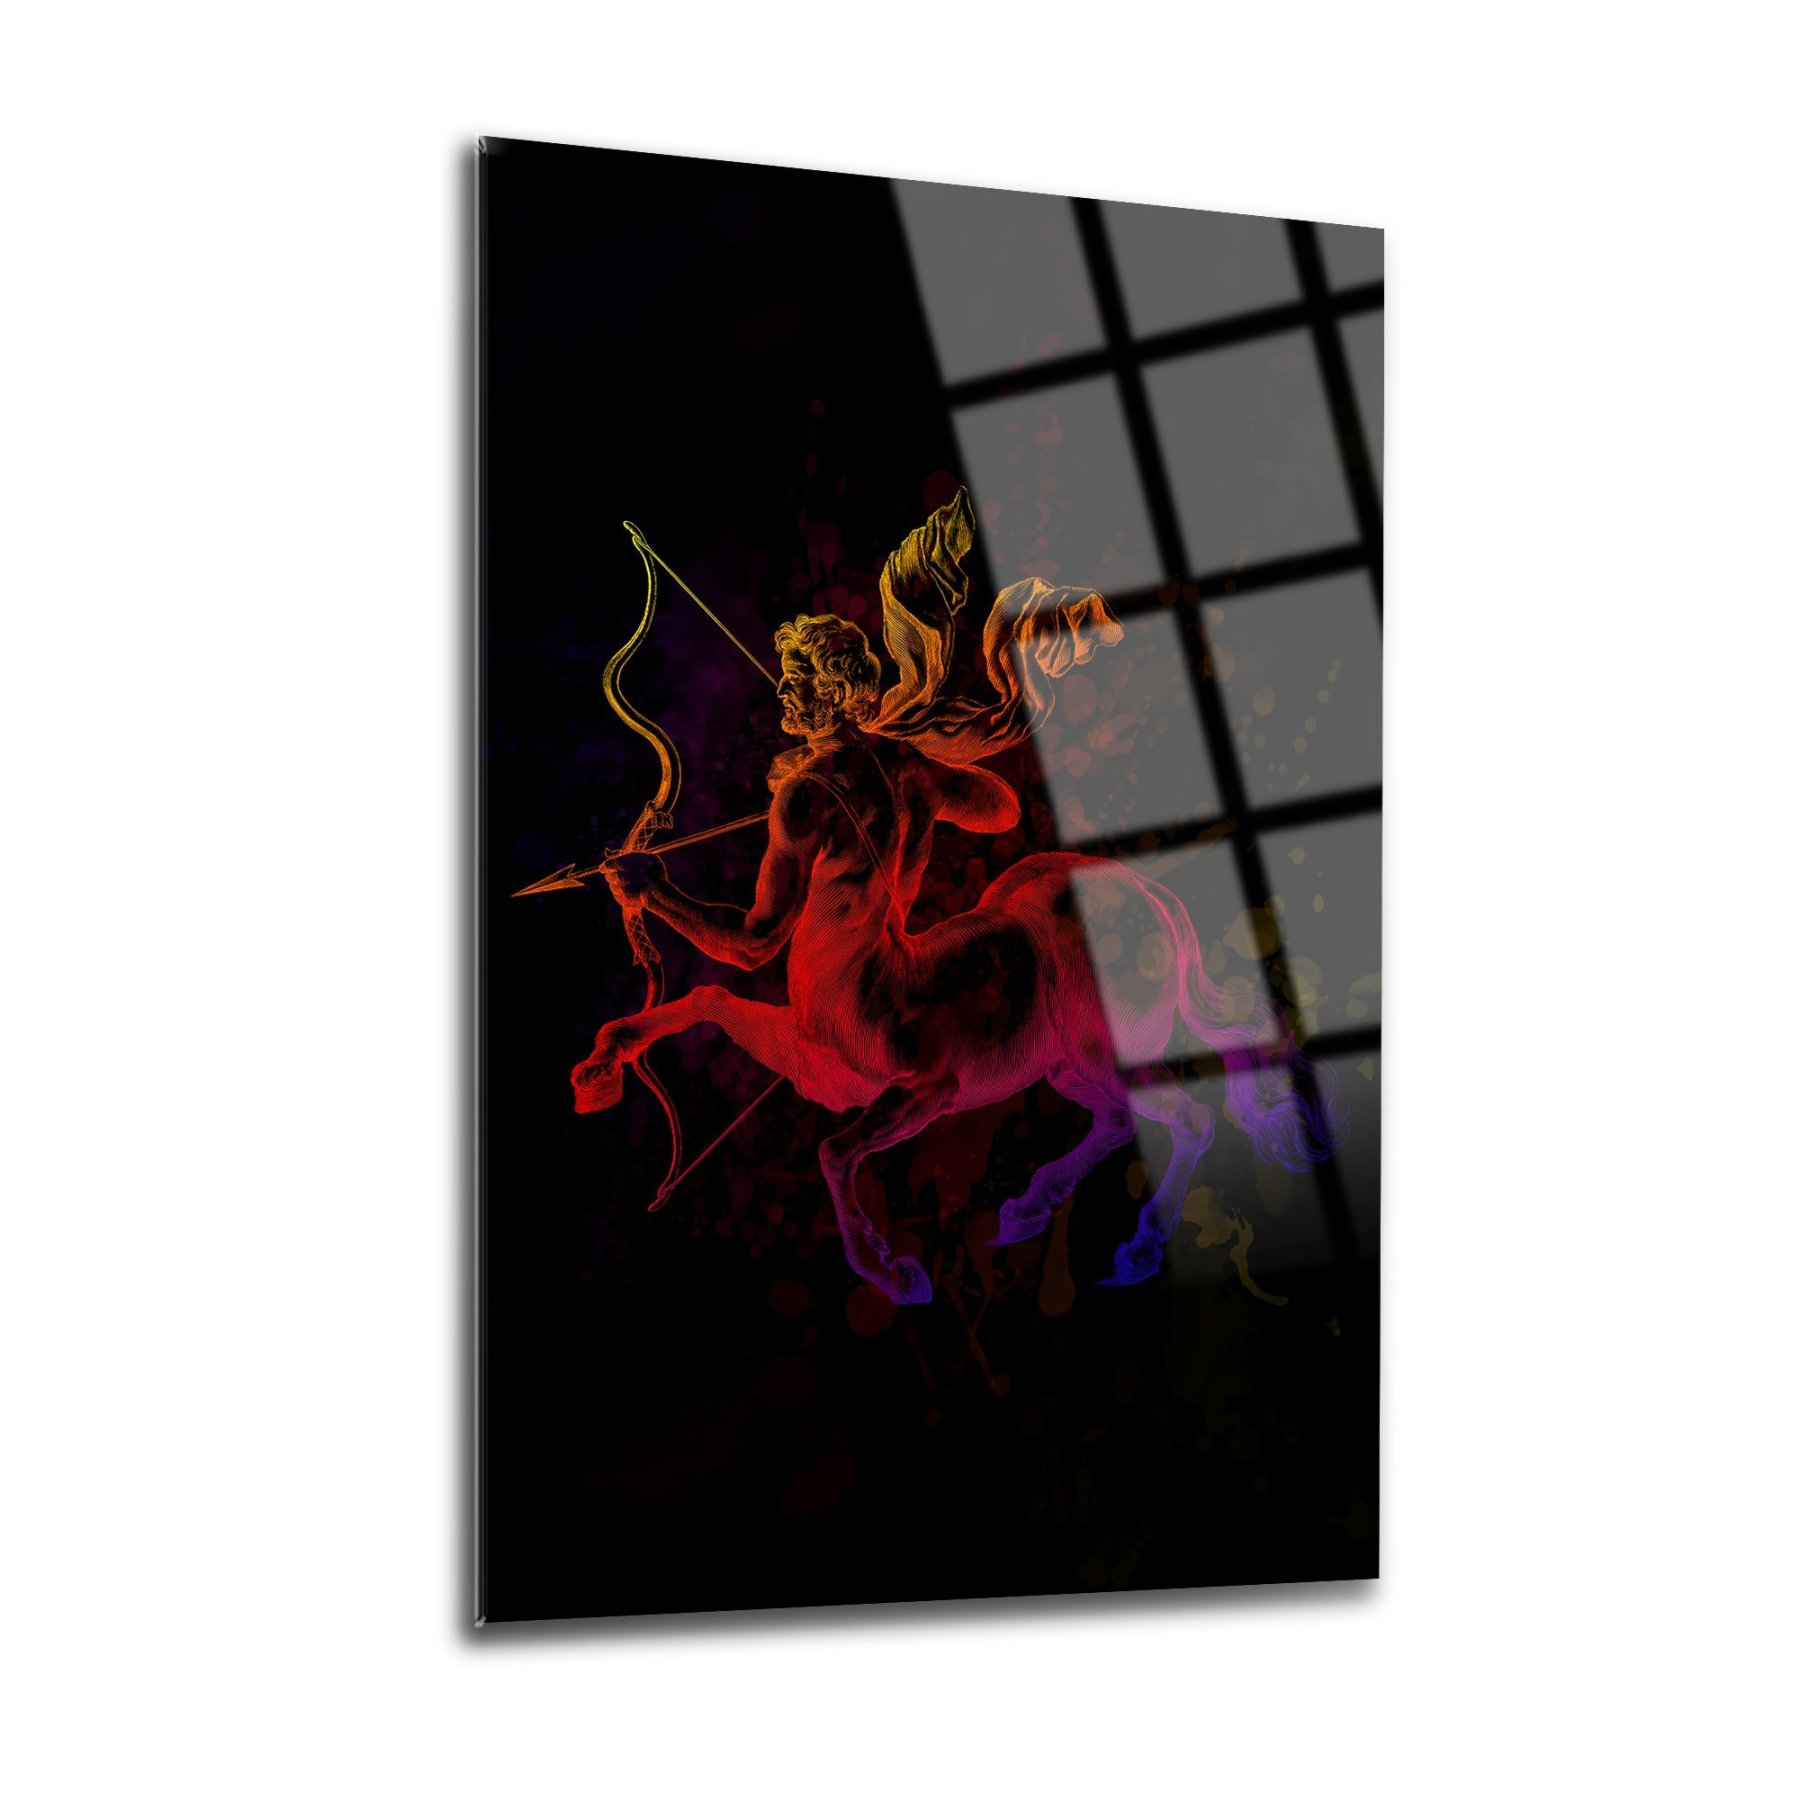 قسط جودة الزجاج جدار الفن ماستر | الثلاثي | الزجاج جدار الفن ديكور المنزل الديكور الزجاج جدار الفن ، المتضخم مكتب الجدار الديكور